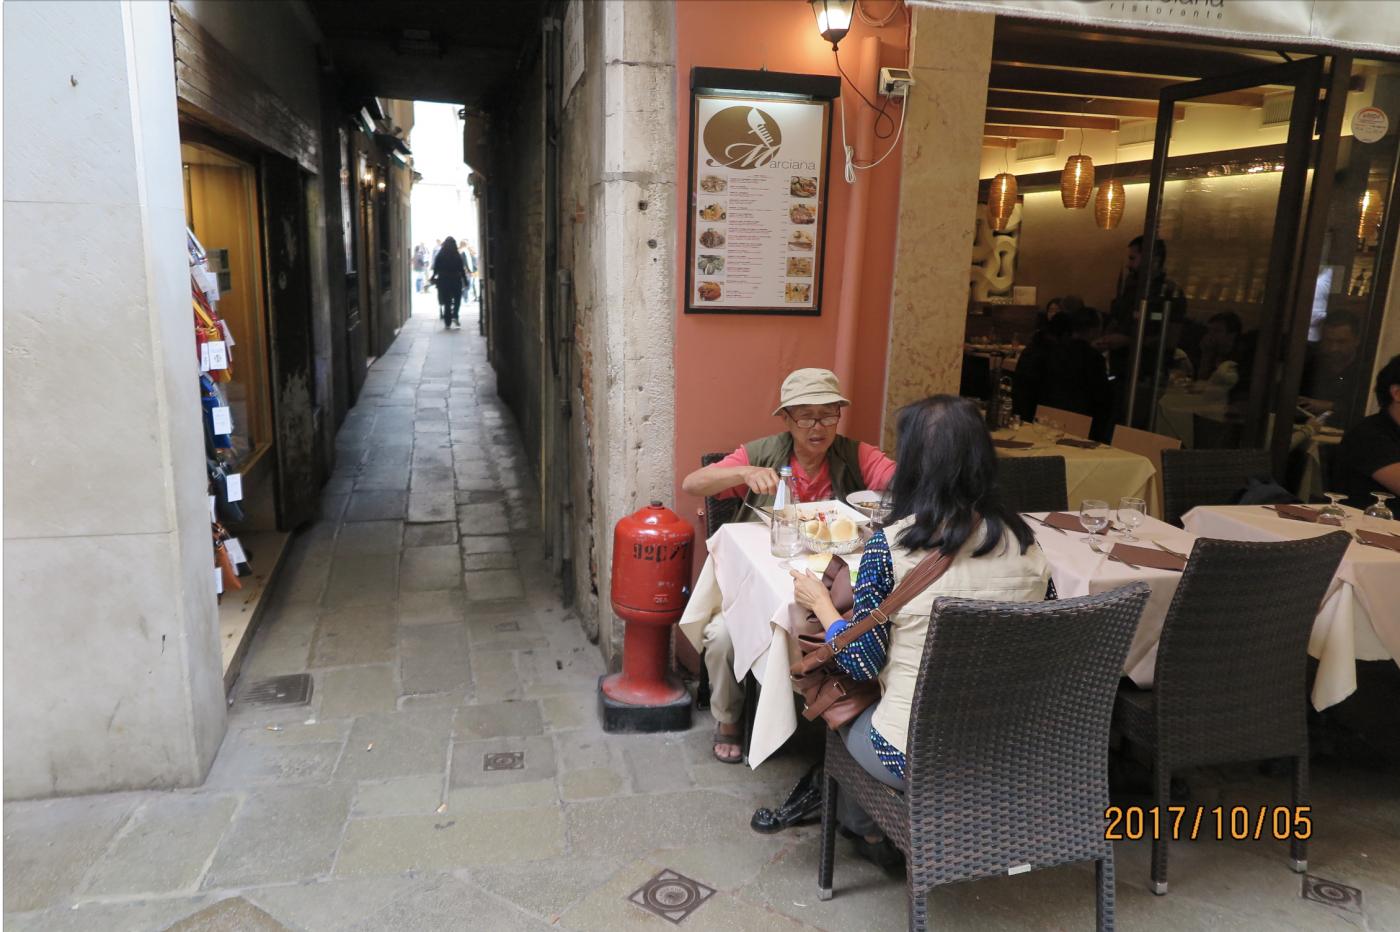 水乡威尼斯:无限的魅力永久的回忆_图1-41